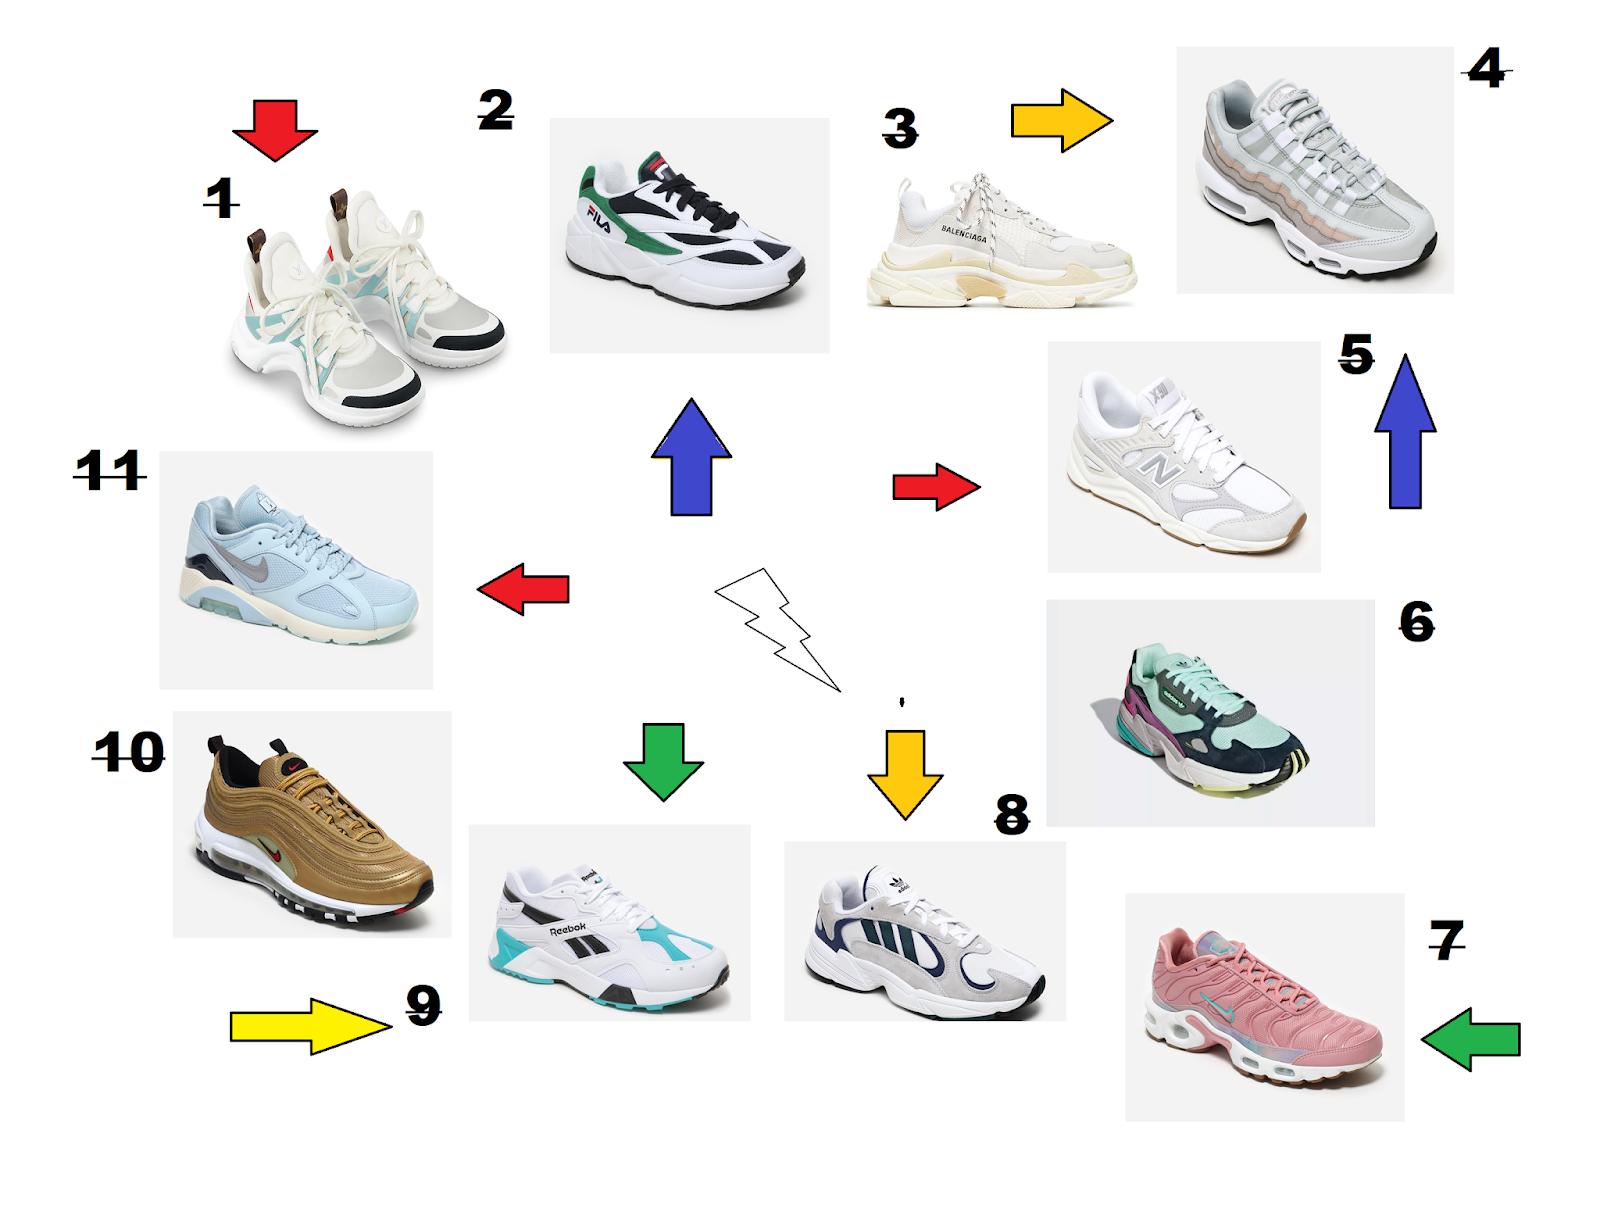 a26fa64a438 Balenciaga Triple S Sneakers 4. Air Max 95 5. New Balance X90RCB